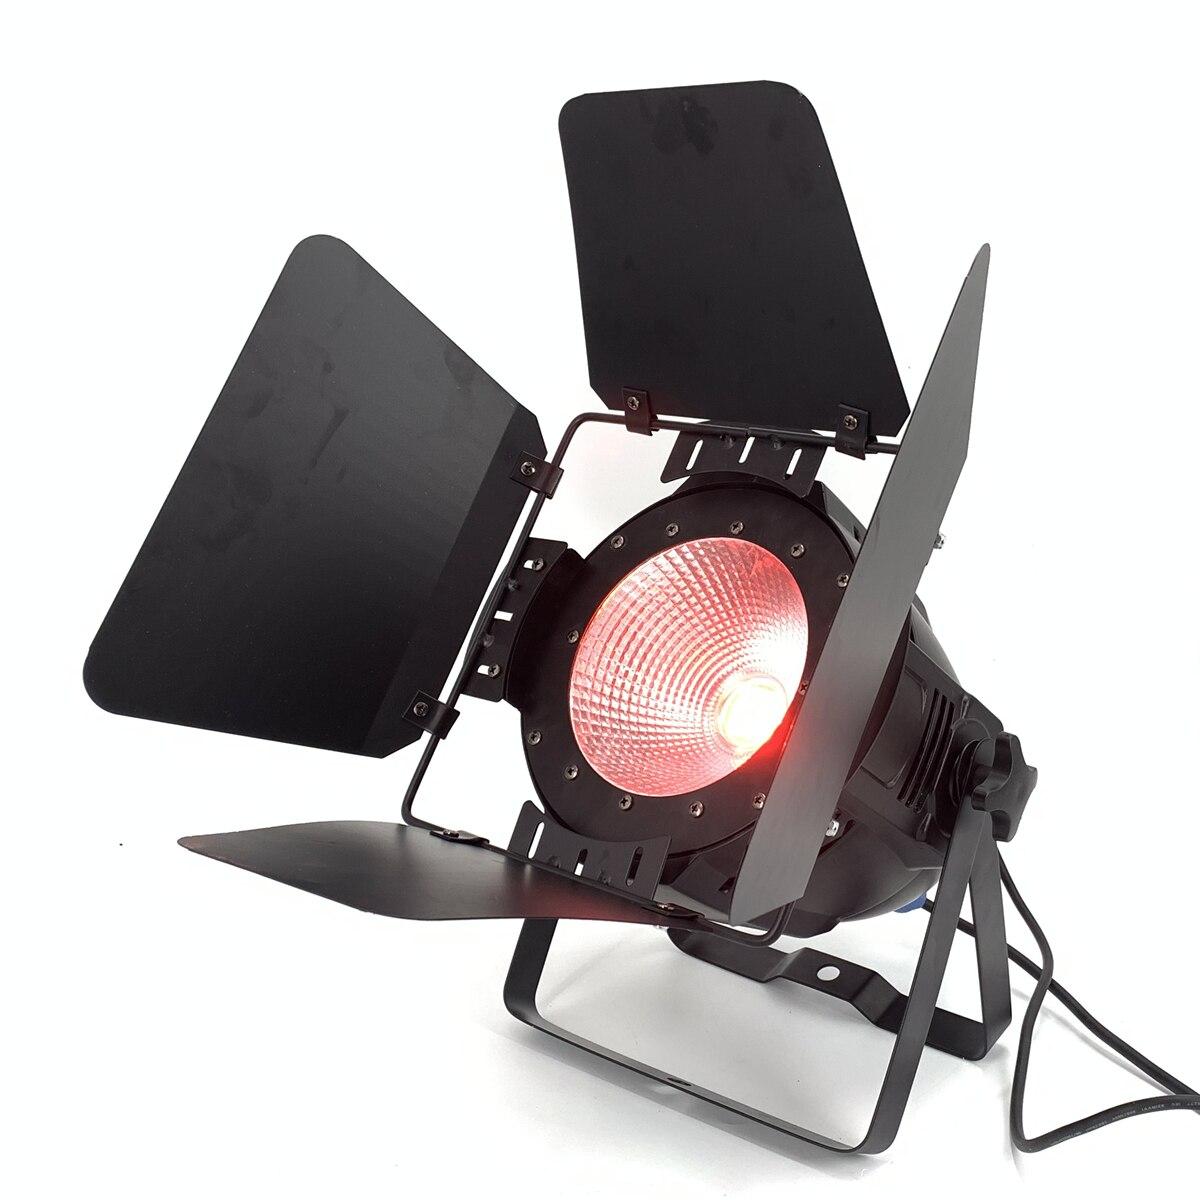 200W COB luz par led con puertas de Granero RGBWA lavado UV 6in 1/RGBW 4in 1/RGB 3in 1/blanco cálido Par64 de lavado led luz para escenario DJ Dmx control Foco led portátil, recargable, batería 18650, luz de búsqueda para exteriores, Lámpara de trabajo para caza, Camping, linterna led COB